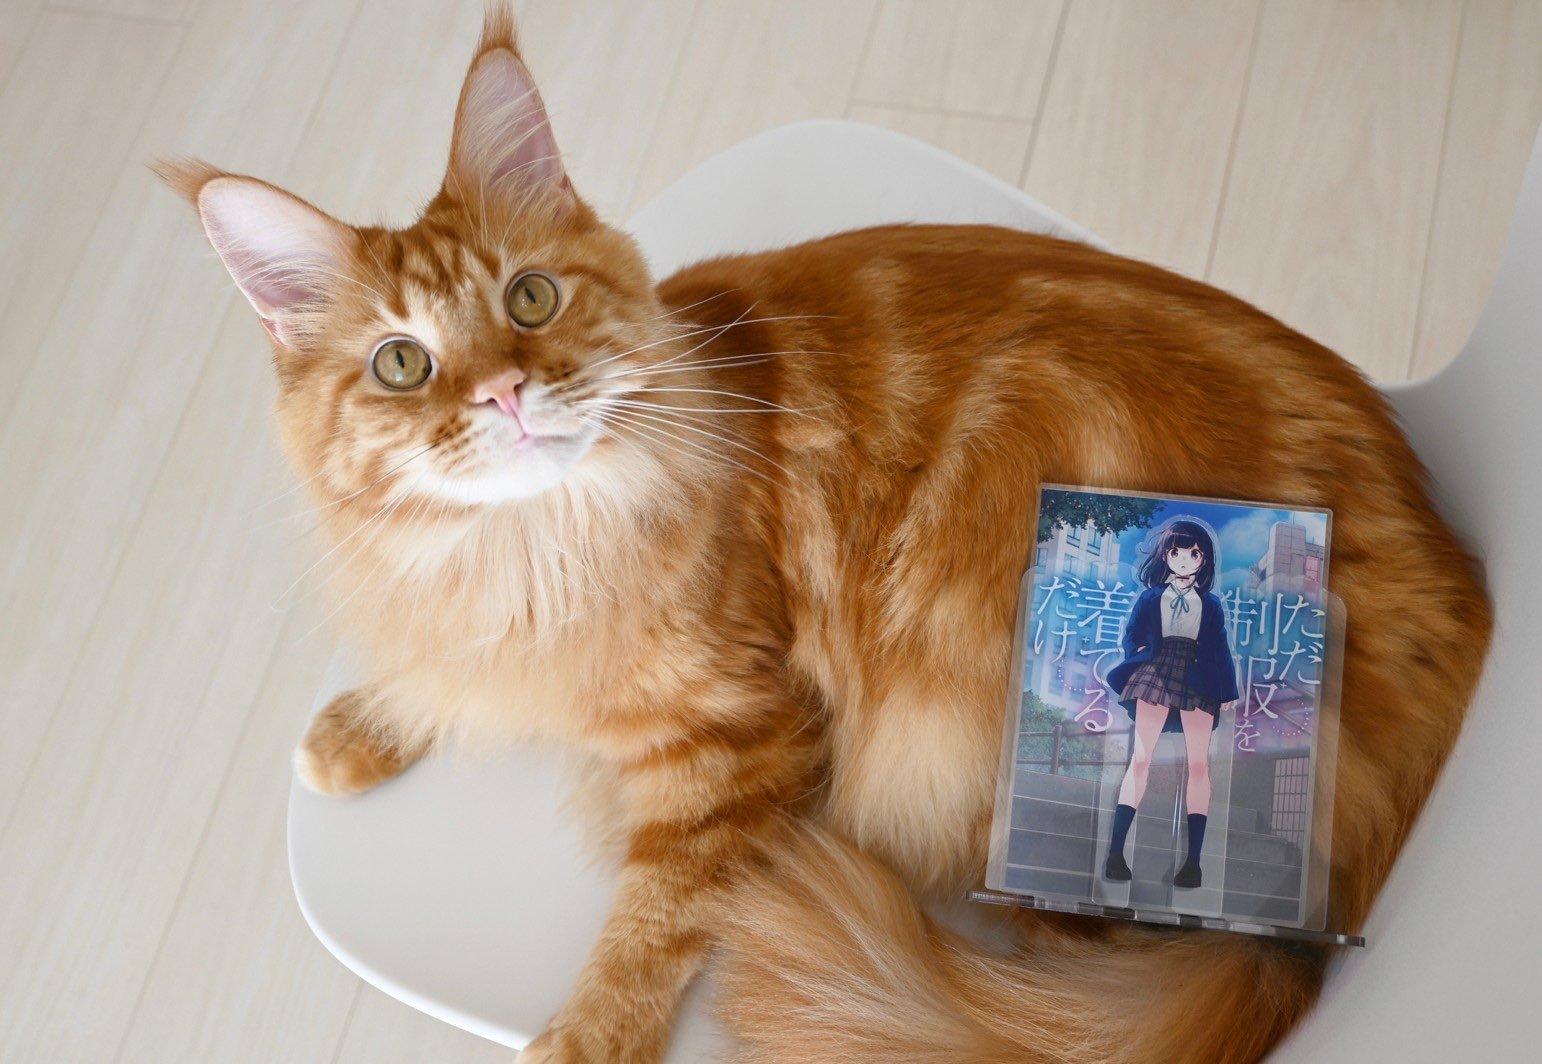 真有此猫! 日本插画家40原《将喵星人萝莉化》猫娘就是它的化身!-itotii